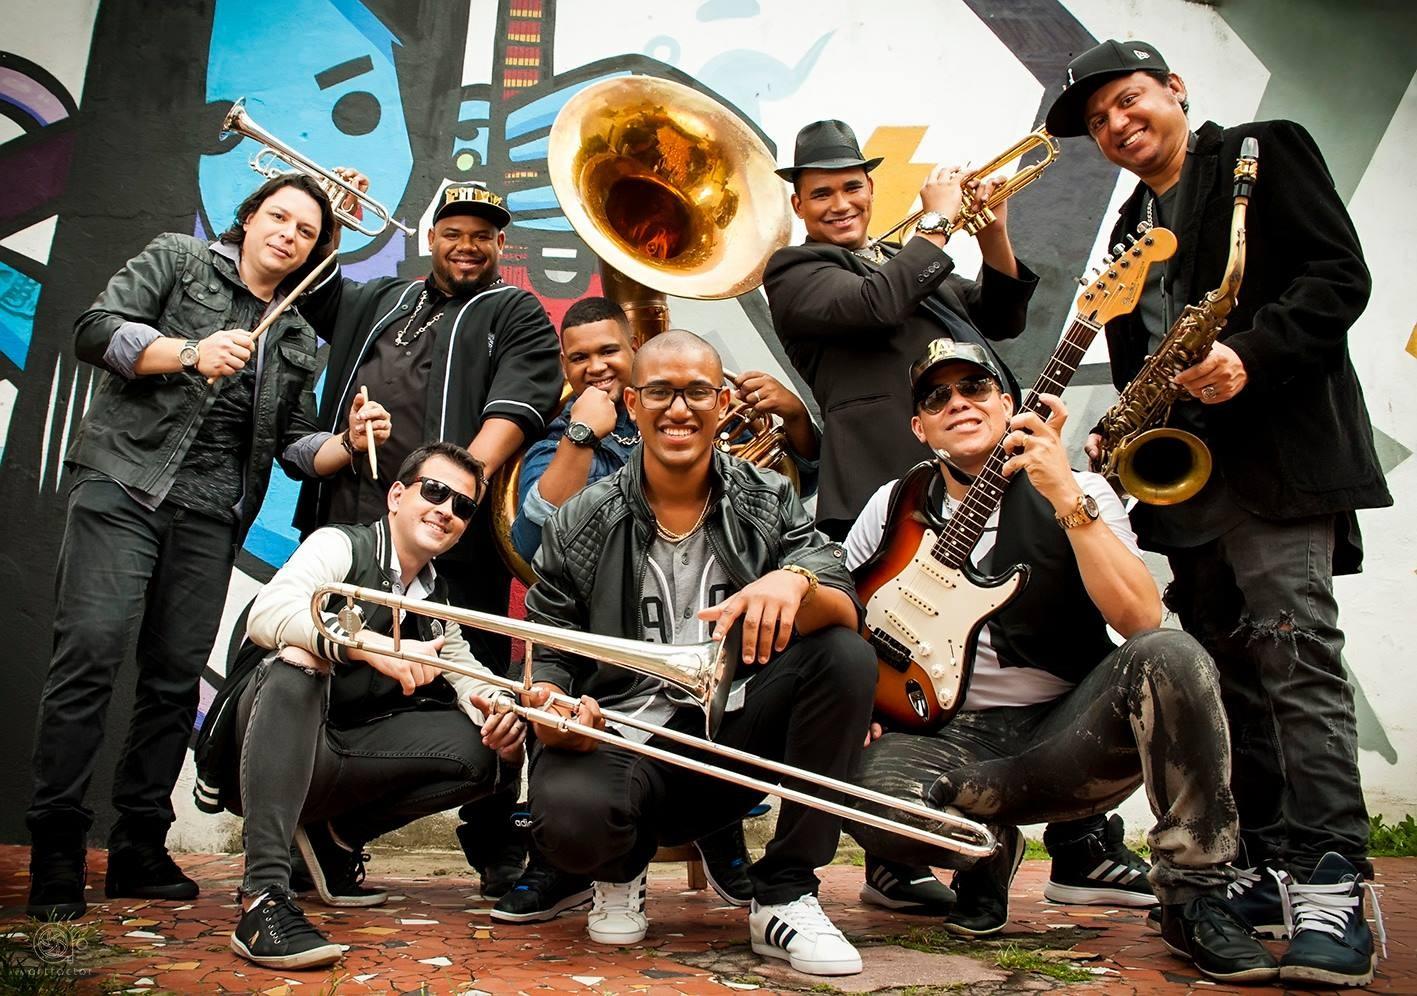 Resgatando o funk antigo, Brassil Melody Band faz show em Ipanema na quinta